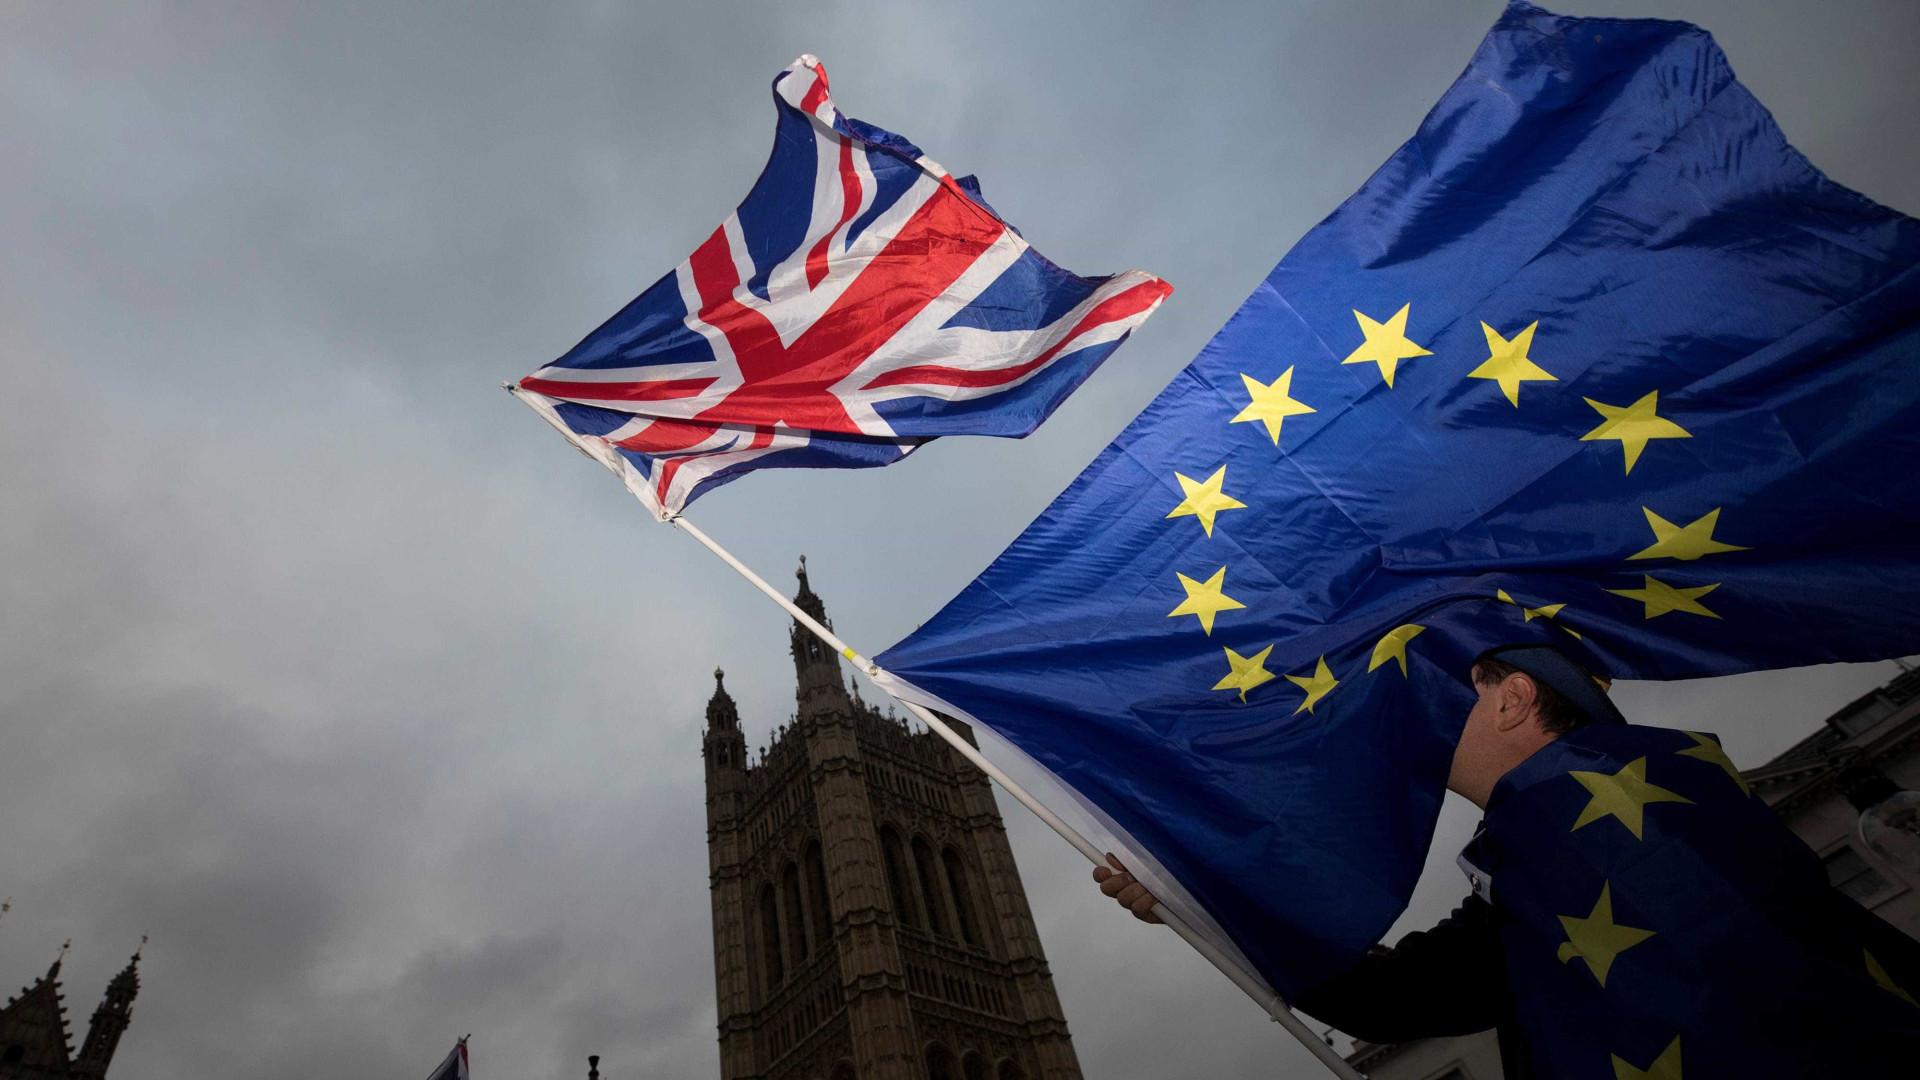 Tribunal decide que Reino Unido pode reverter Brexit sem aval da UE